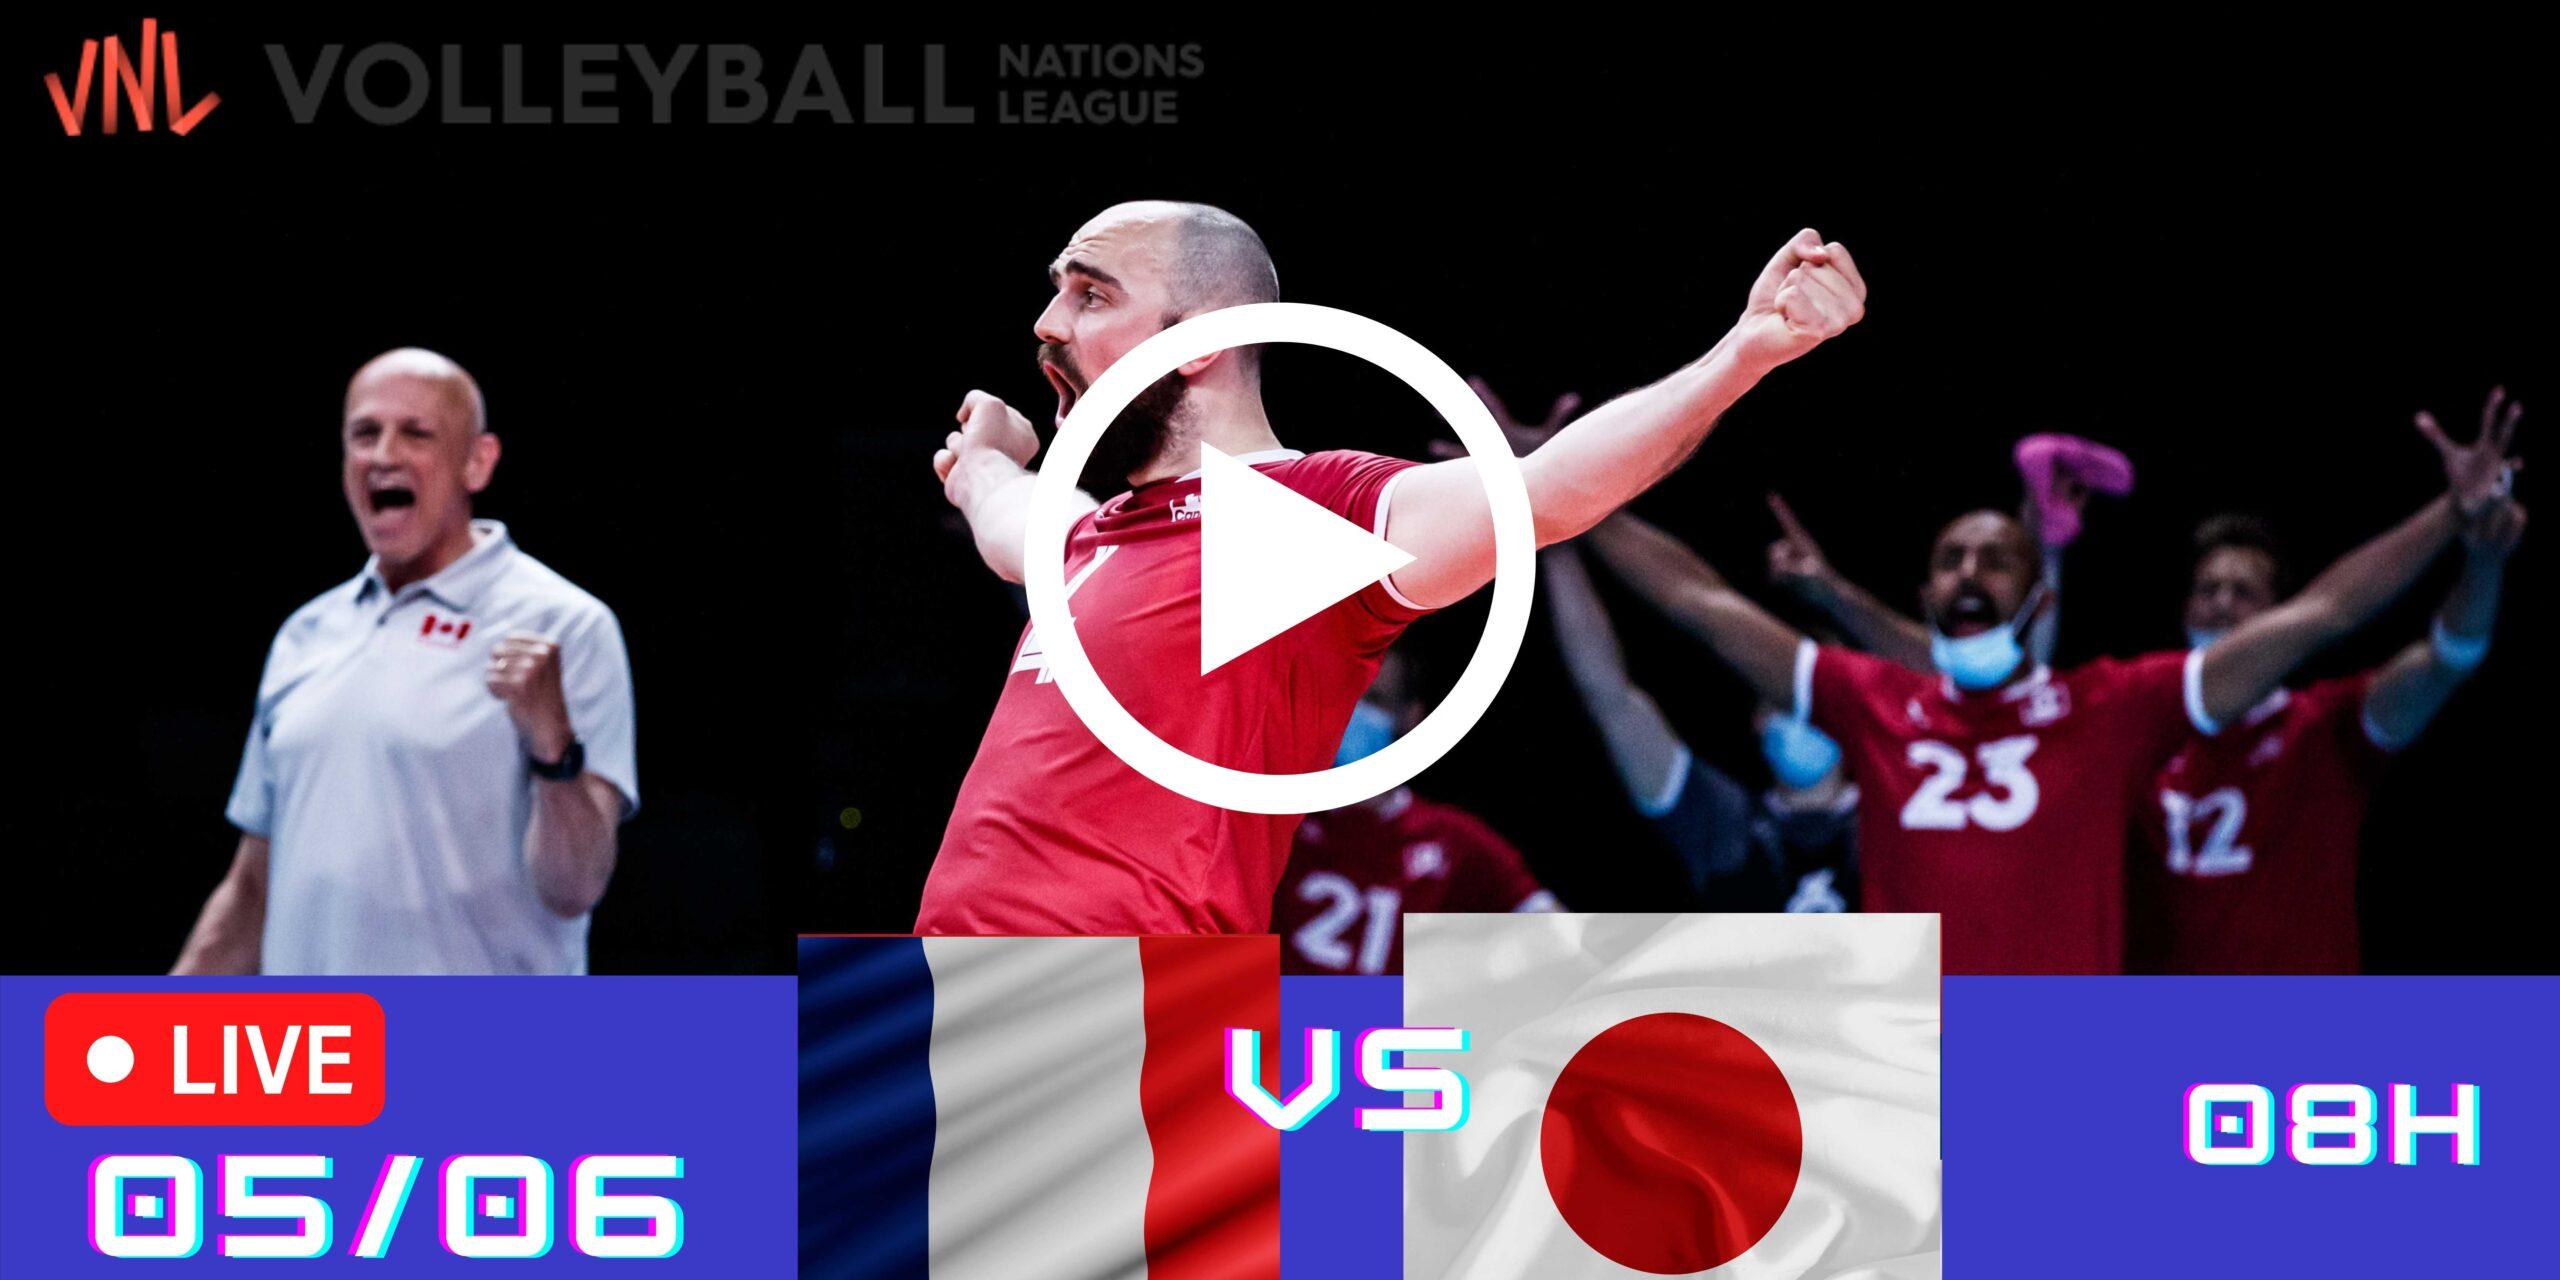 Resultado: França 3 vs 2 Japão – Liga das Nações – 05/06 – 08h